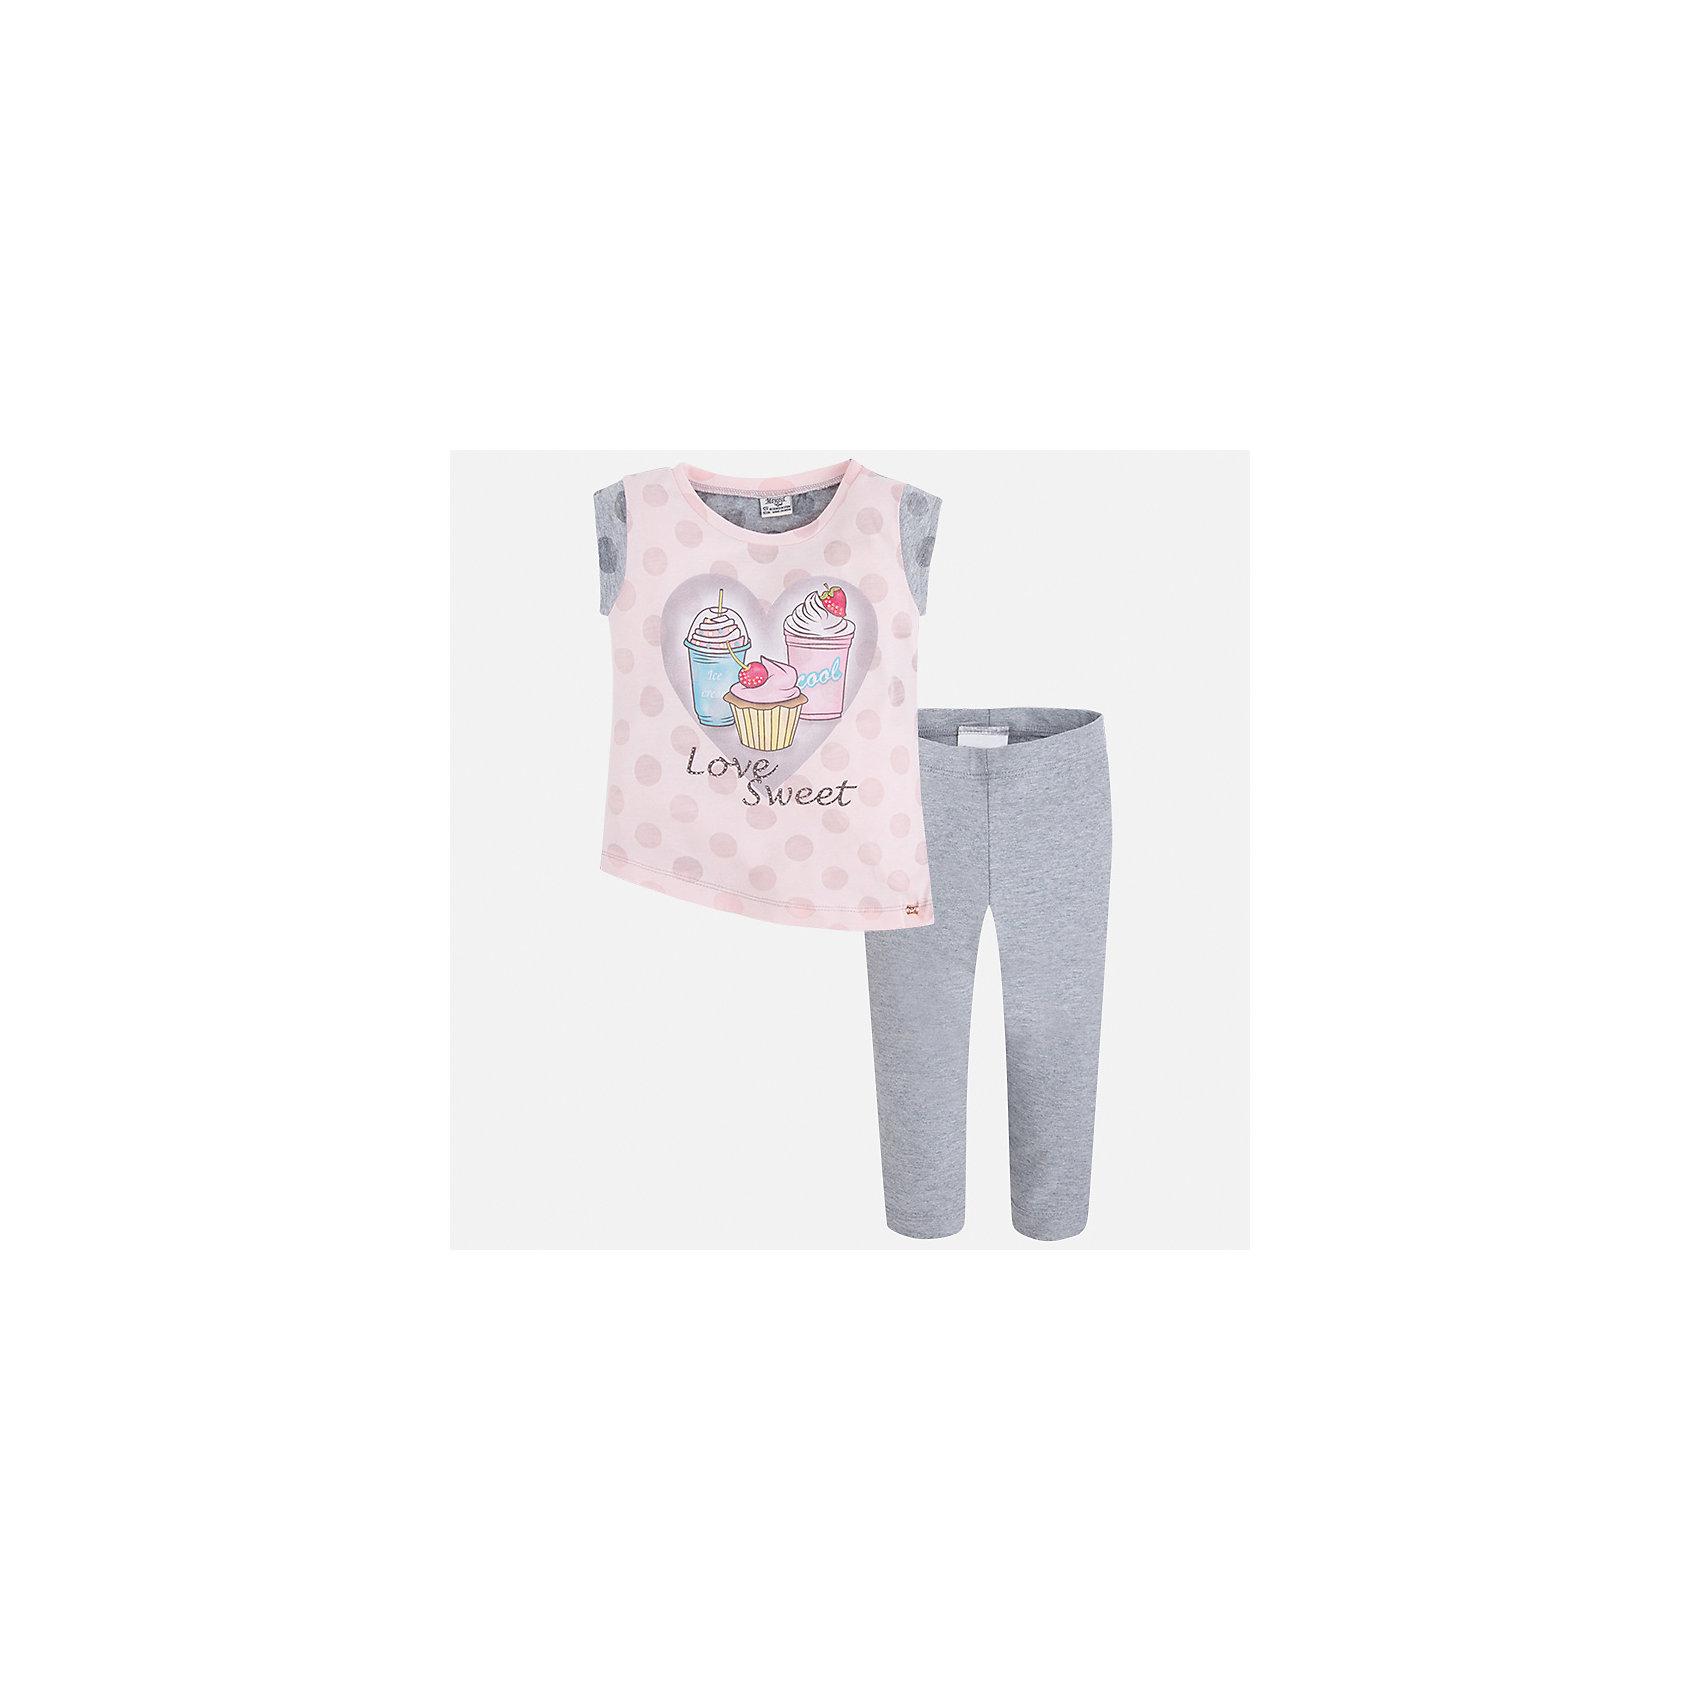 Комплект: футболка и бриджи для девочки MayoralКомплекты<br>Характеристики товара:<br><br>• цвет: серый/розовый<br>• состав: 55% хлопок, 45% полиэстер<br>• комплектация: футболка, бриджи<br>• футболка декорирована принтом<br>• бриджи в клетку<br>• пояс на резинке<br>• страна бренда: Испания<br><br>Красивый качественный комплект для девочки поможет разнообразить гардероб ребенка и удобно одеться в теплую погоду. Он отлично сочетается с другими предметами. Универсальный цвет позволяет подобрать к вещам верхнюю одежду практически любой расцветки. Интересная отделка модели делает её нарядной и оригинальной. В составе материала - натуральный хлопок, гипоаллергенный, приятный на ощупь, дышащий.<br><br>Одежда, обувь и аксессуары от испанского бренда Mayoral полюбились детям и взрослым по всему миру. Модели этой марки - стильные и удобные. Для их производства используются только безопасные, качественные материалы и фурнитура. Порадуйте ребенка модными и красивыми вещами от Mayoral! <br><br>Комплект для девочки от испанского бренда Mayoral (Майорал) можно купить в нашем интернет-магазине.<br><br>Ширина мм: 191<br>Глубина мм: 10<br>Высота мм: 175<br>Вес г: 273<br>Цвет: серый<br>Возраст от месяцев: 24<br>Возраст до месяцев: 36<br>Пол: Женский<br>Возраст: Детский<br>Размер: 98,134,104,110,116,122,128,92<br>SKU: 5290389